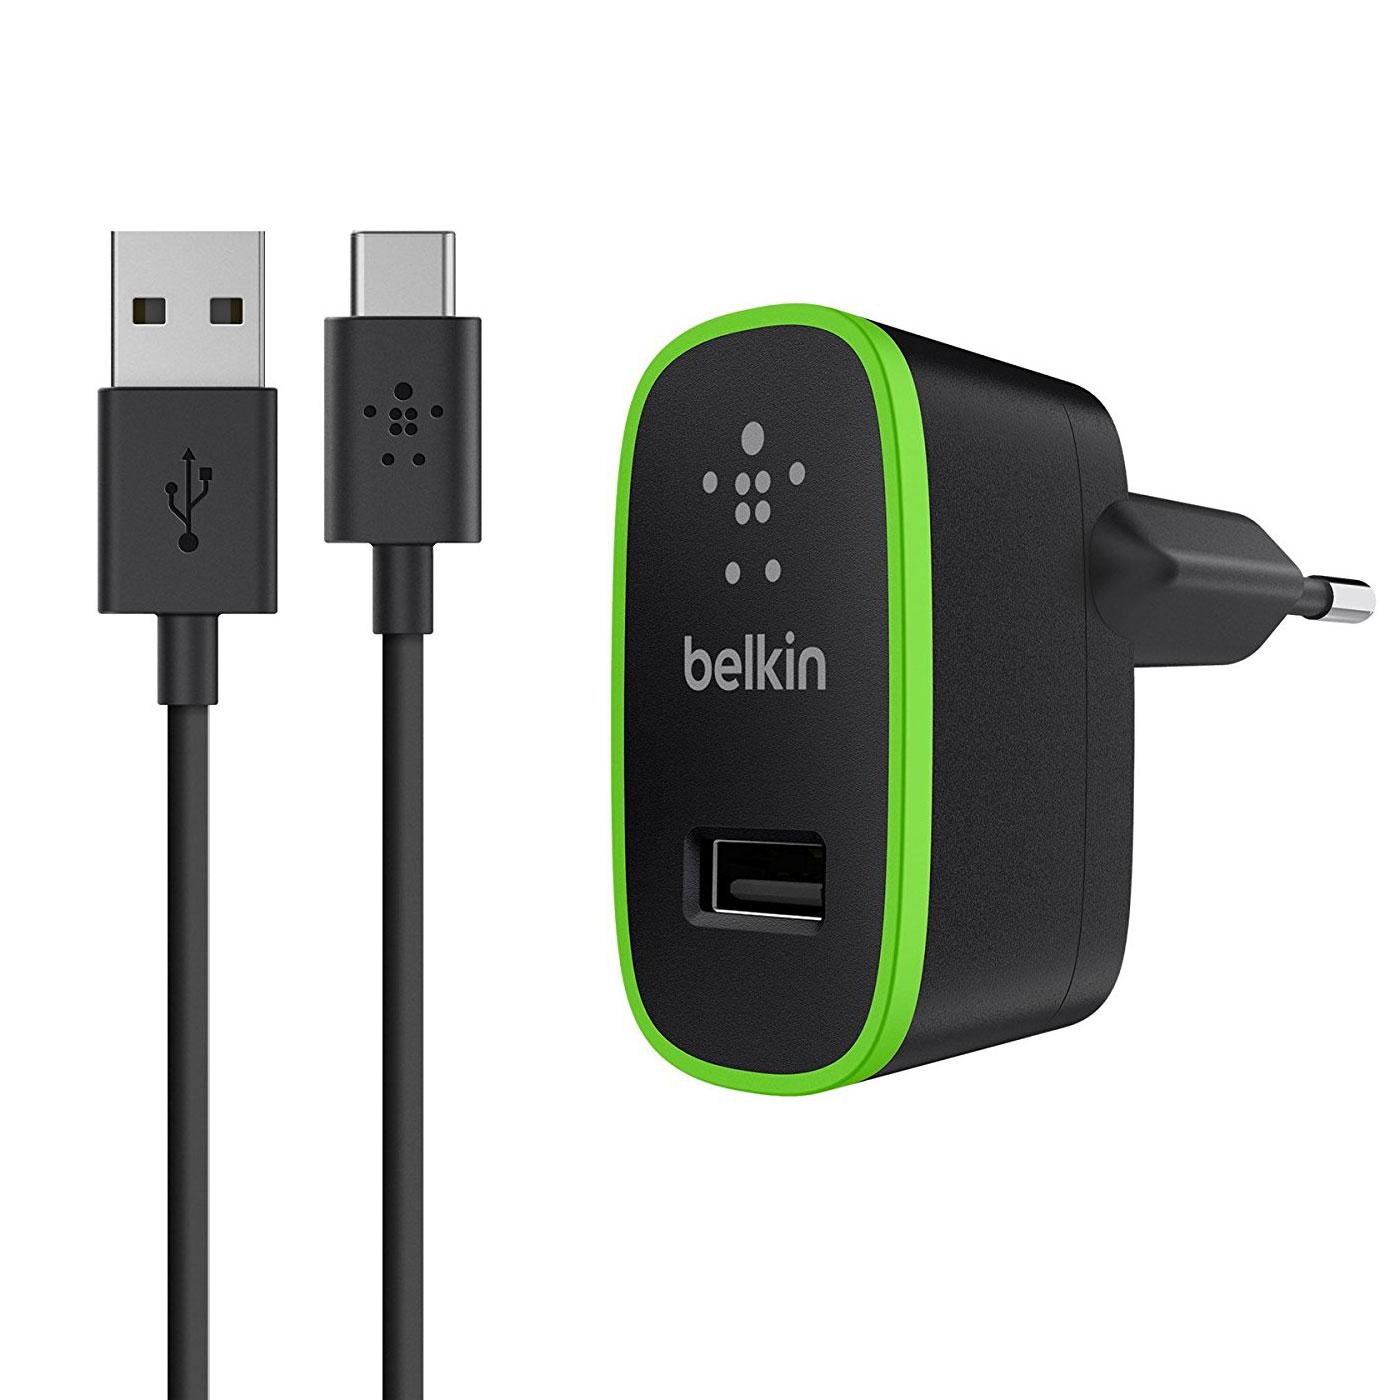 Chargeur téléphone Belkin Chargeur secteur universel Noir (F7U001VF06) Chargeur secteur universel 10W avec câble USB-C vers USB-A